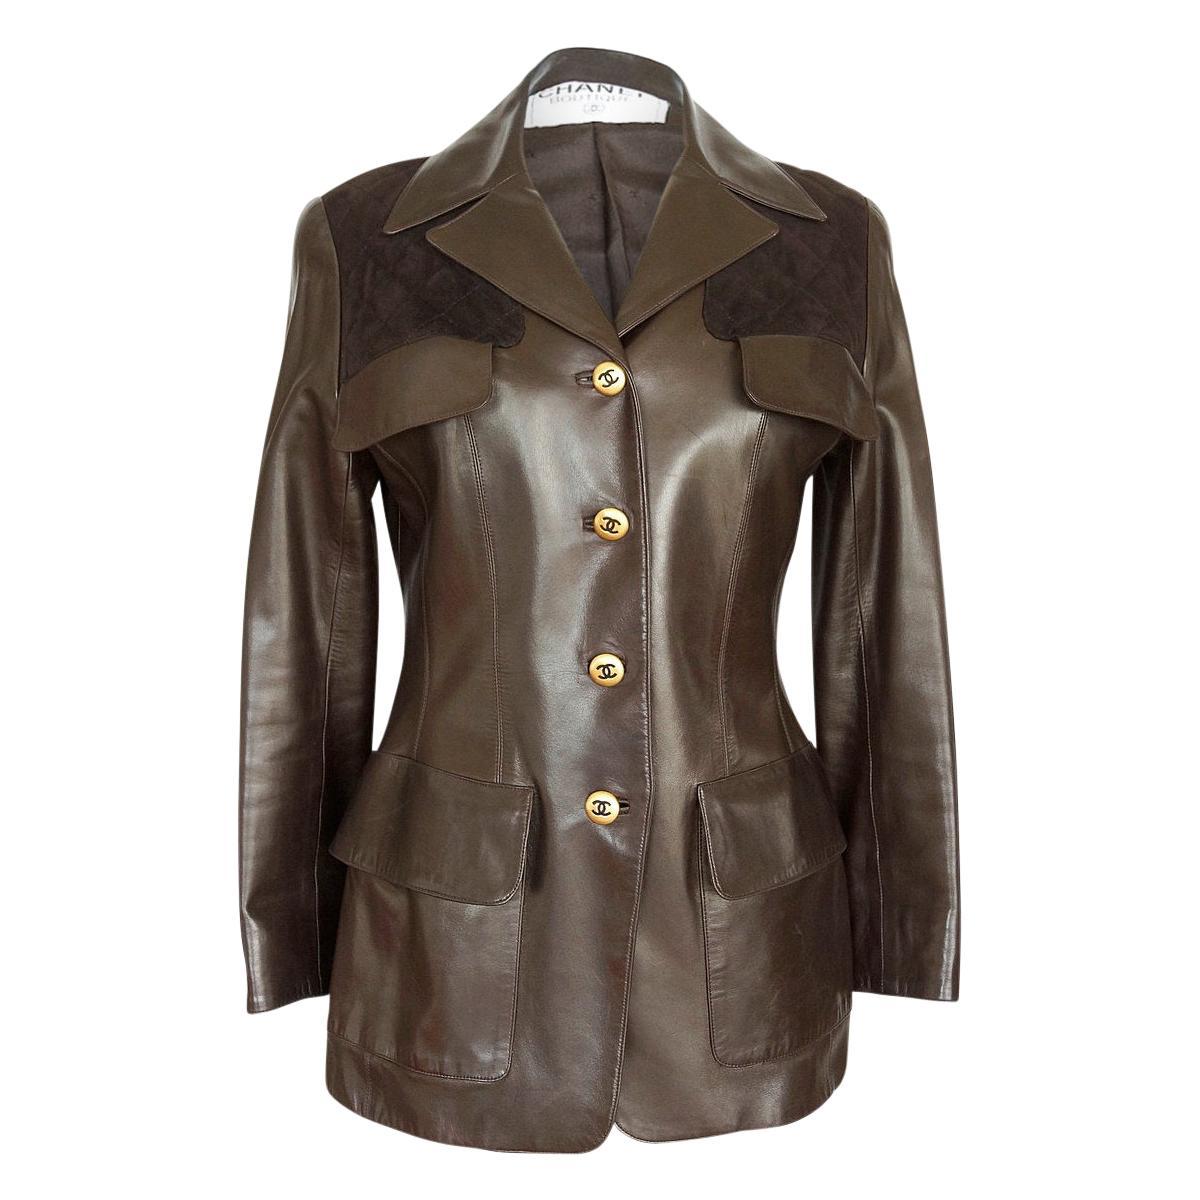 Chanel Vintage Leather Jacket Lots CC Buttons Rear Button Vent 40 / 6 mint